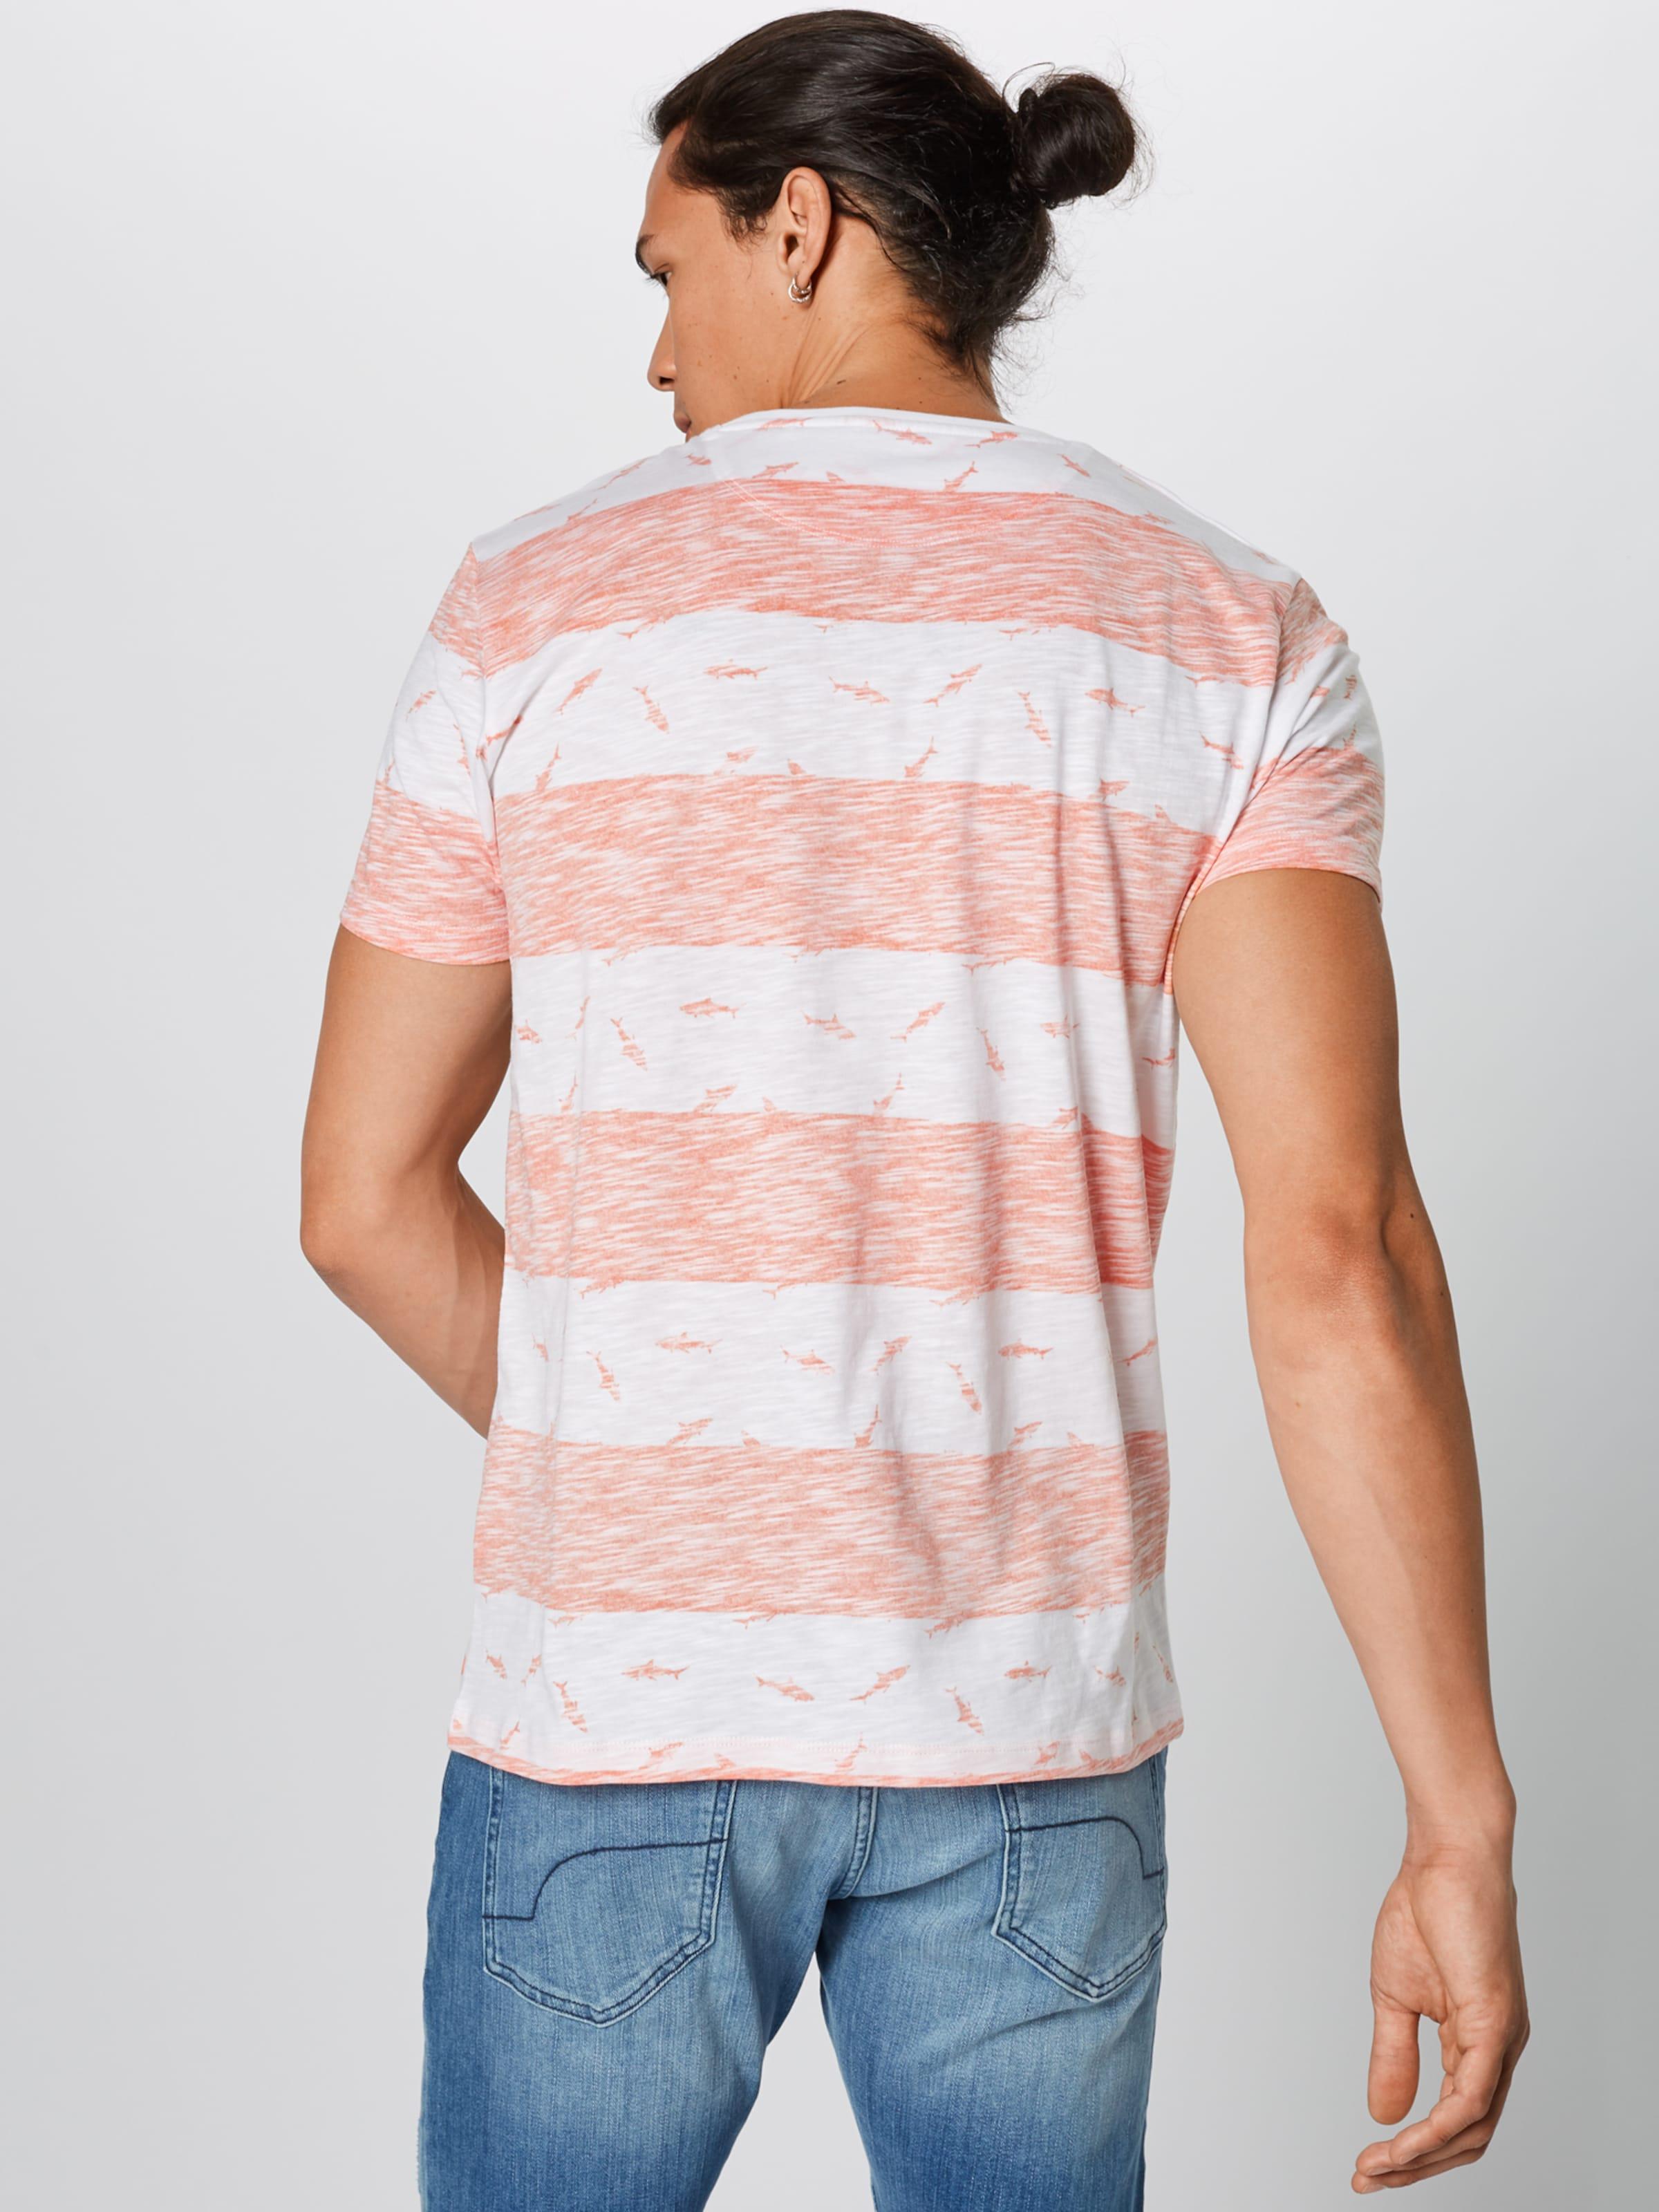 T En Corail Edc By Esprit shirt 9ID2WHEY